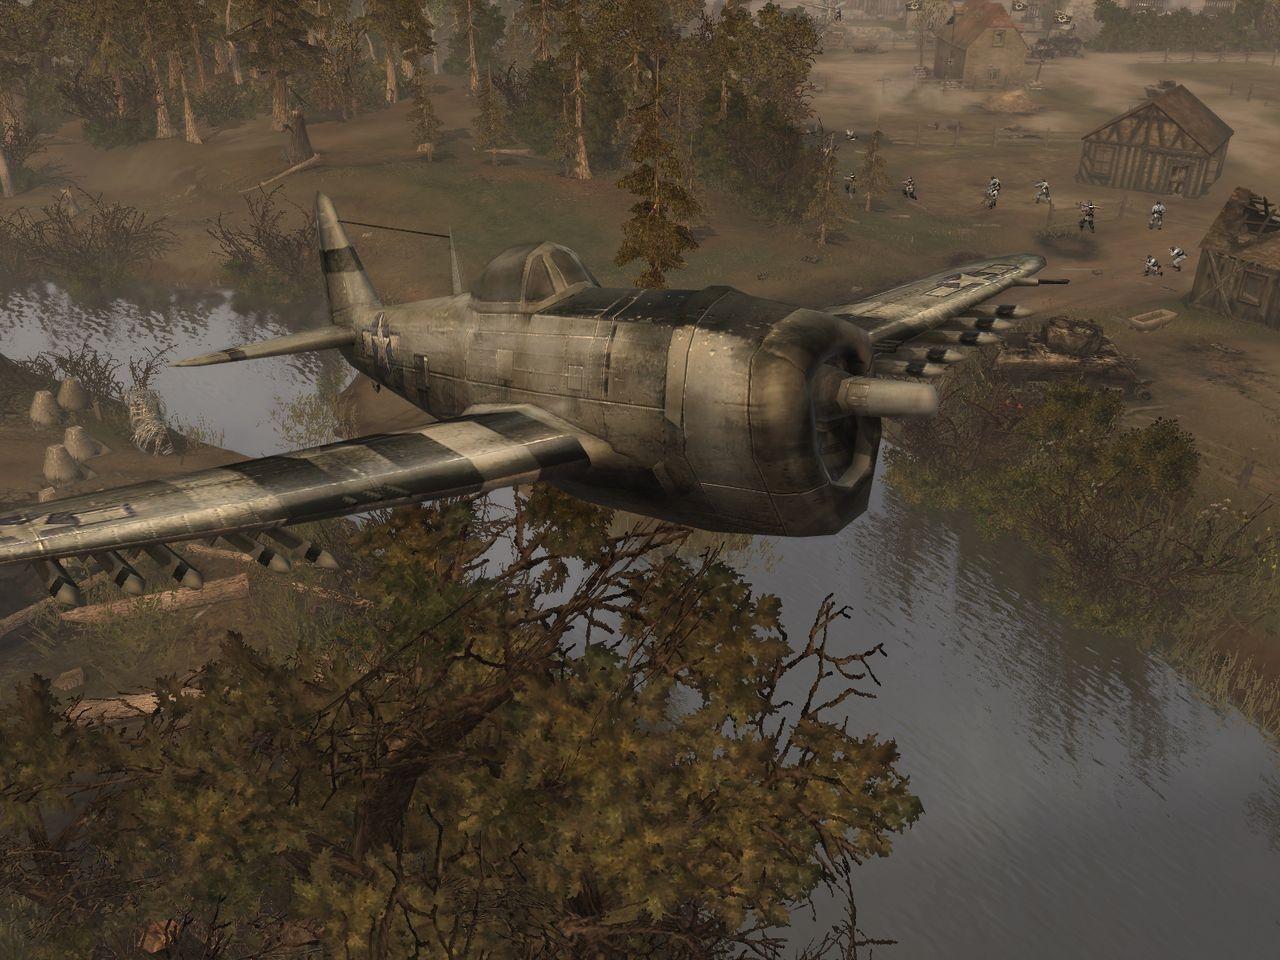 Текущий показываемый скриншот из игры strong em Company of Heroes